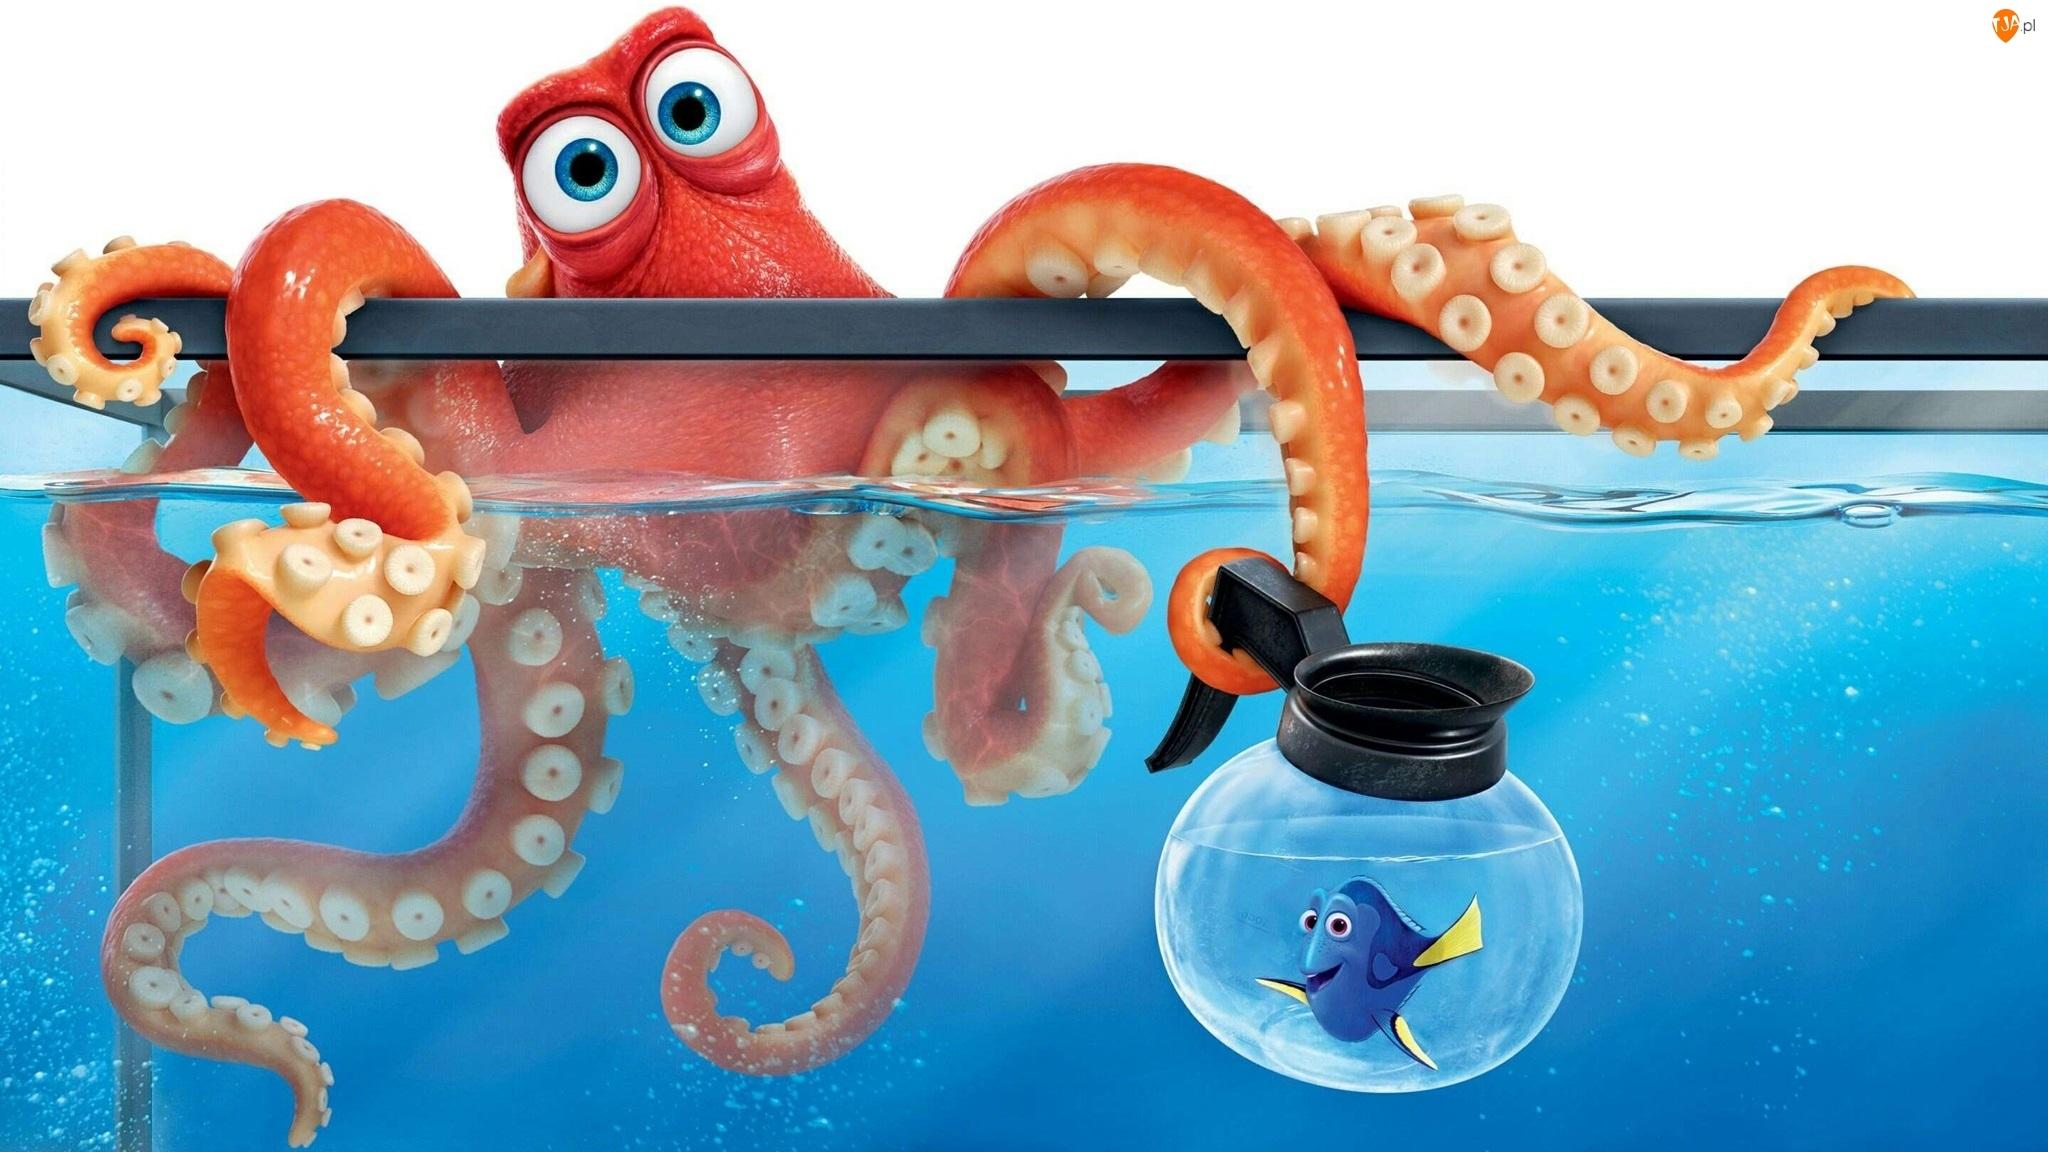 Gdzie jest Dory, Film animowany, Ośmiornica Hank, Rybka Dory, Finding Dory, Akwarium